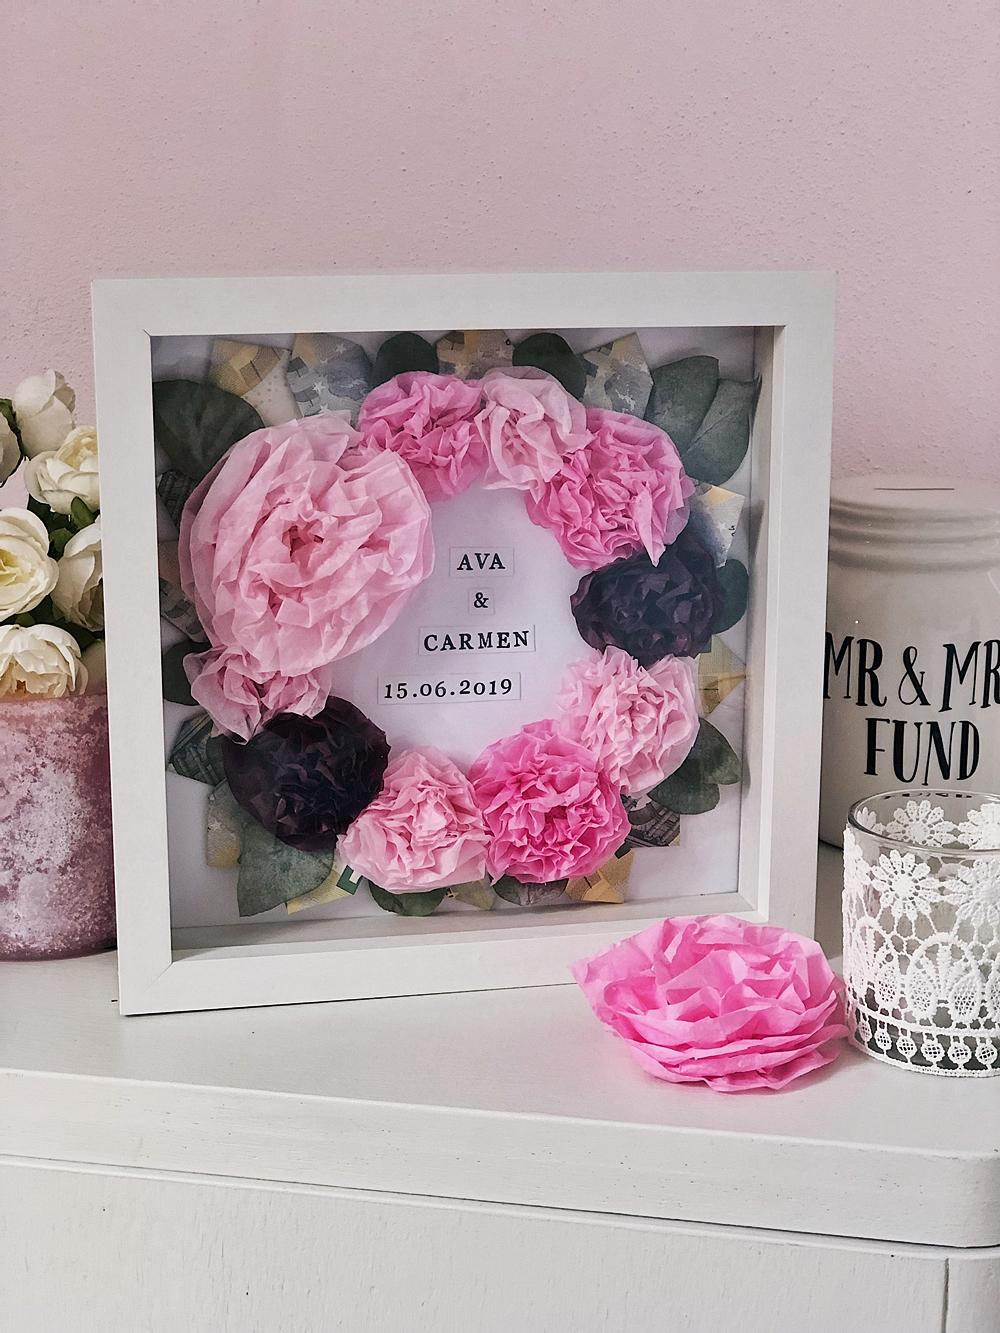 DIY-Blütenkranz im Bilderrahmen-Geldgeschenk Hochzeit Geburtstag